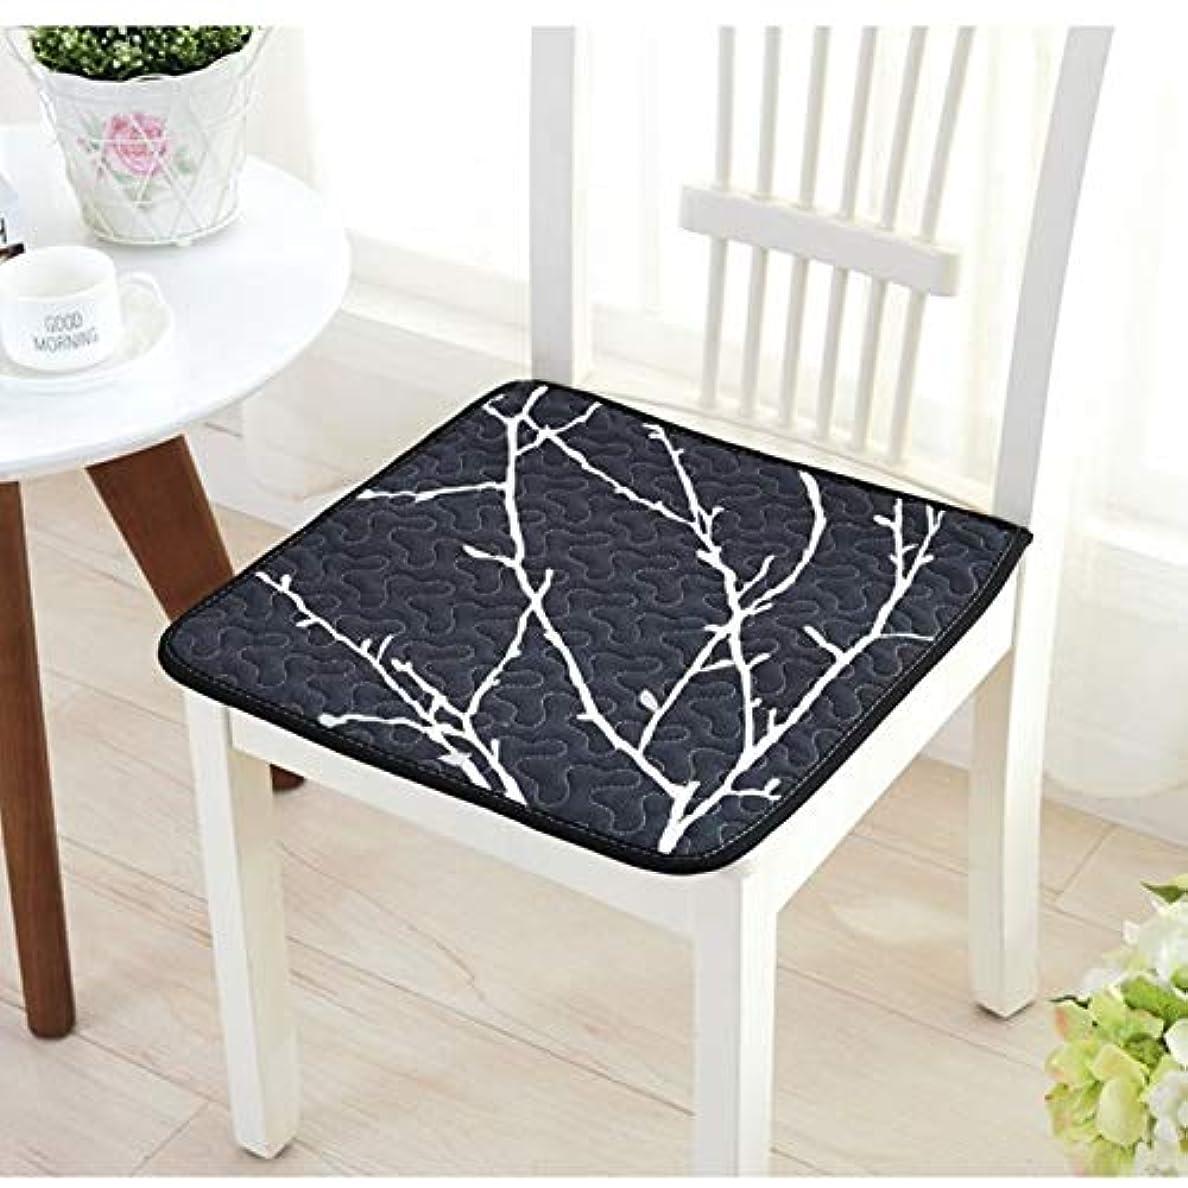 ナインへ費やすモンゴメリーLIFE 現代スーパーソフト椅子クッション非スリップシートクッションマットソファホームデコレーションバッククッションチェアパッド 40*40/45*45/50*50 センチメートル クッション 椅子